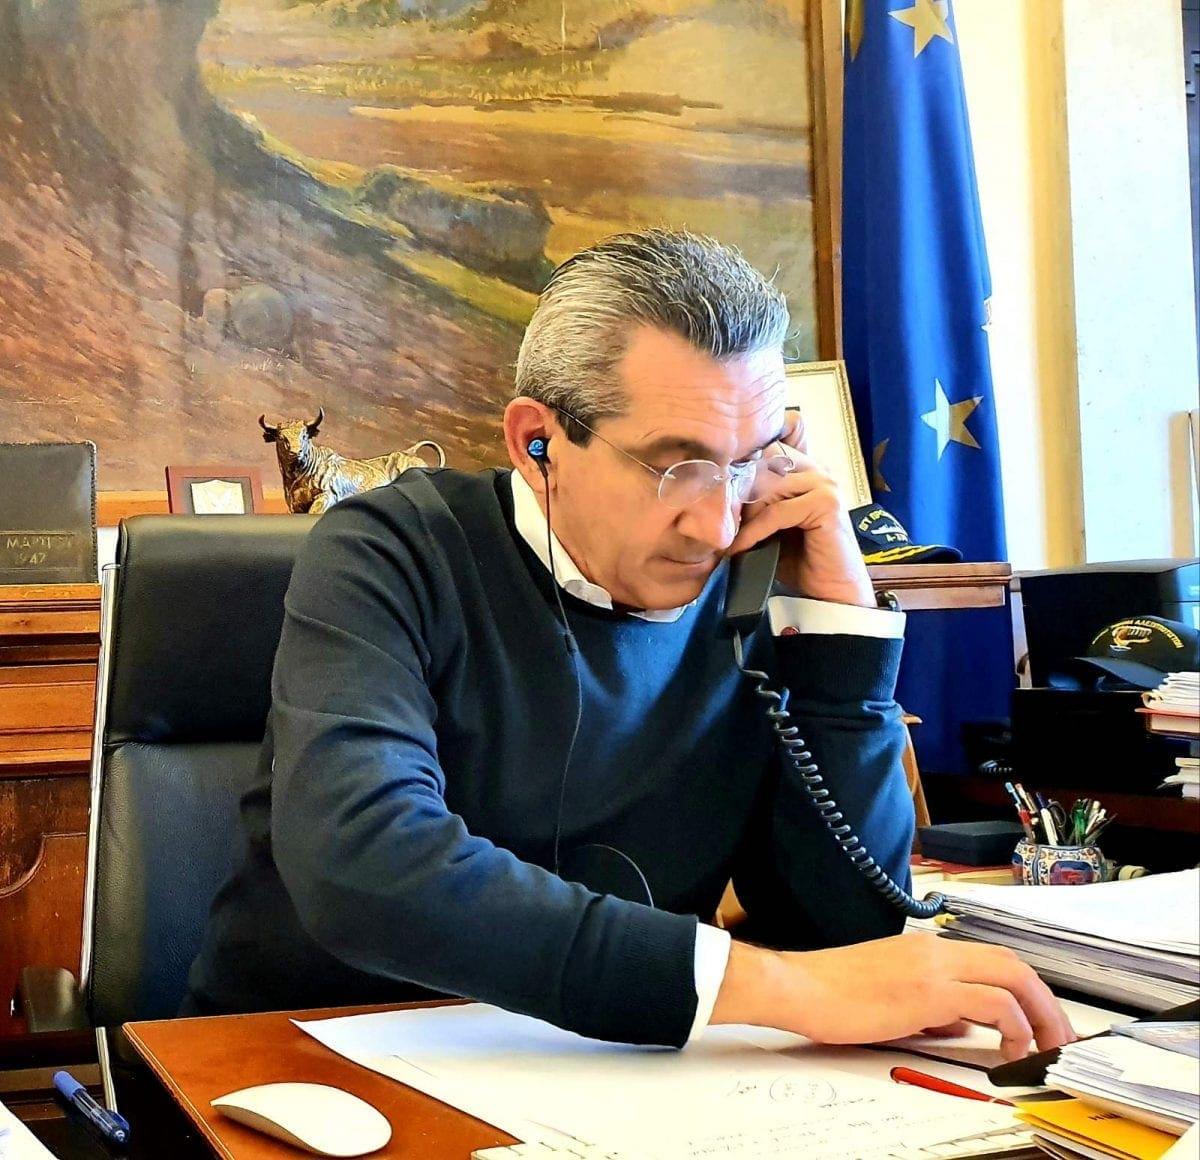 Την προμήθεια επιπλέον θαλάμων απομόνωσης και υποδοχής ασθενών και για Πάτμο, Αστυπάλαια και Ίο αποφάσισε η Οικονομική Επιτροπή της Περιφέρειας